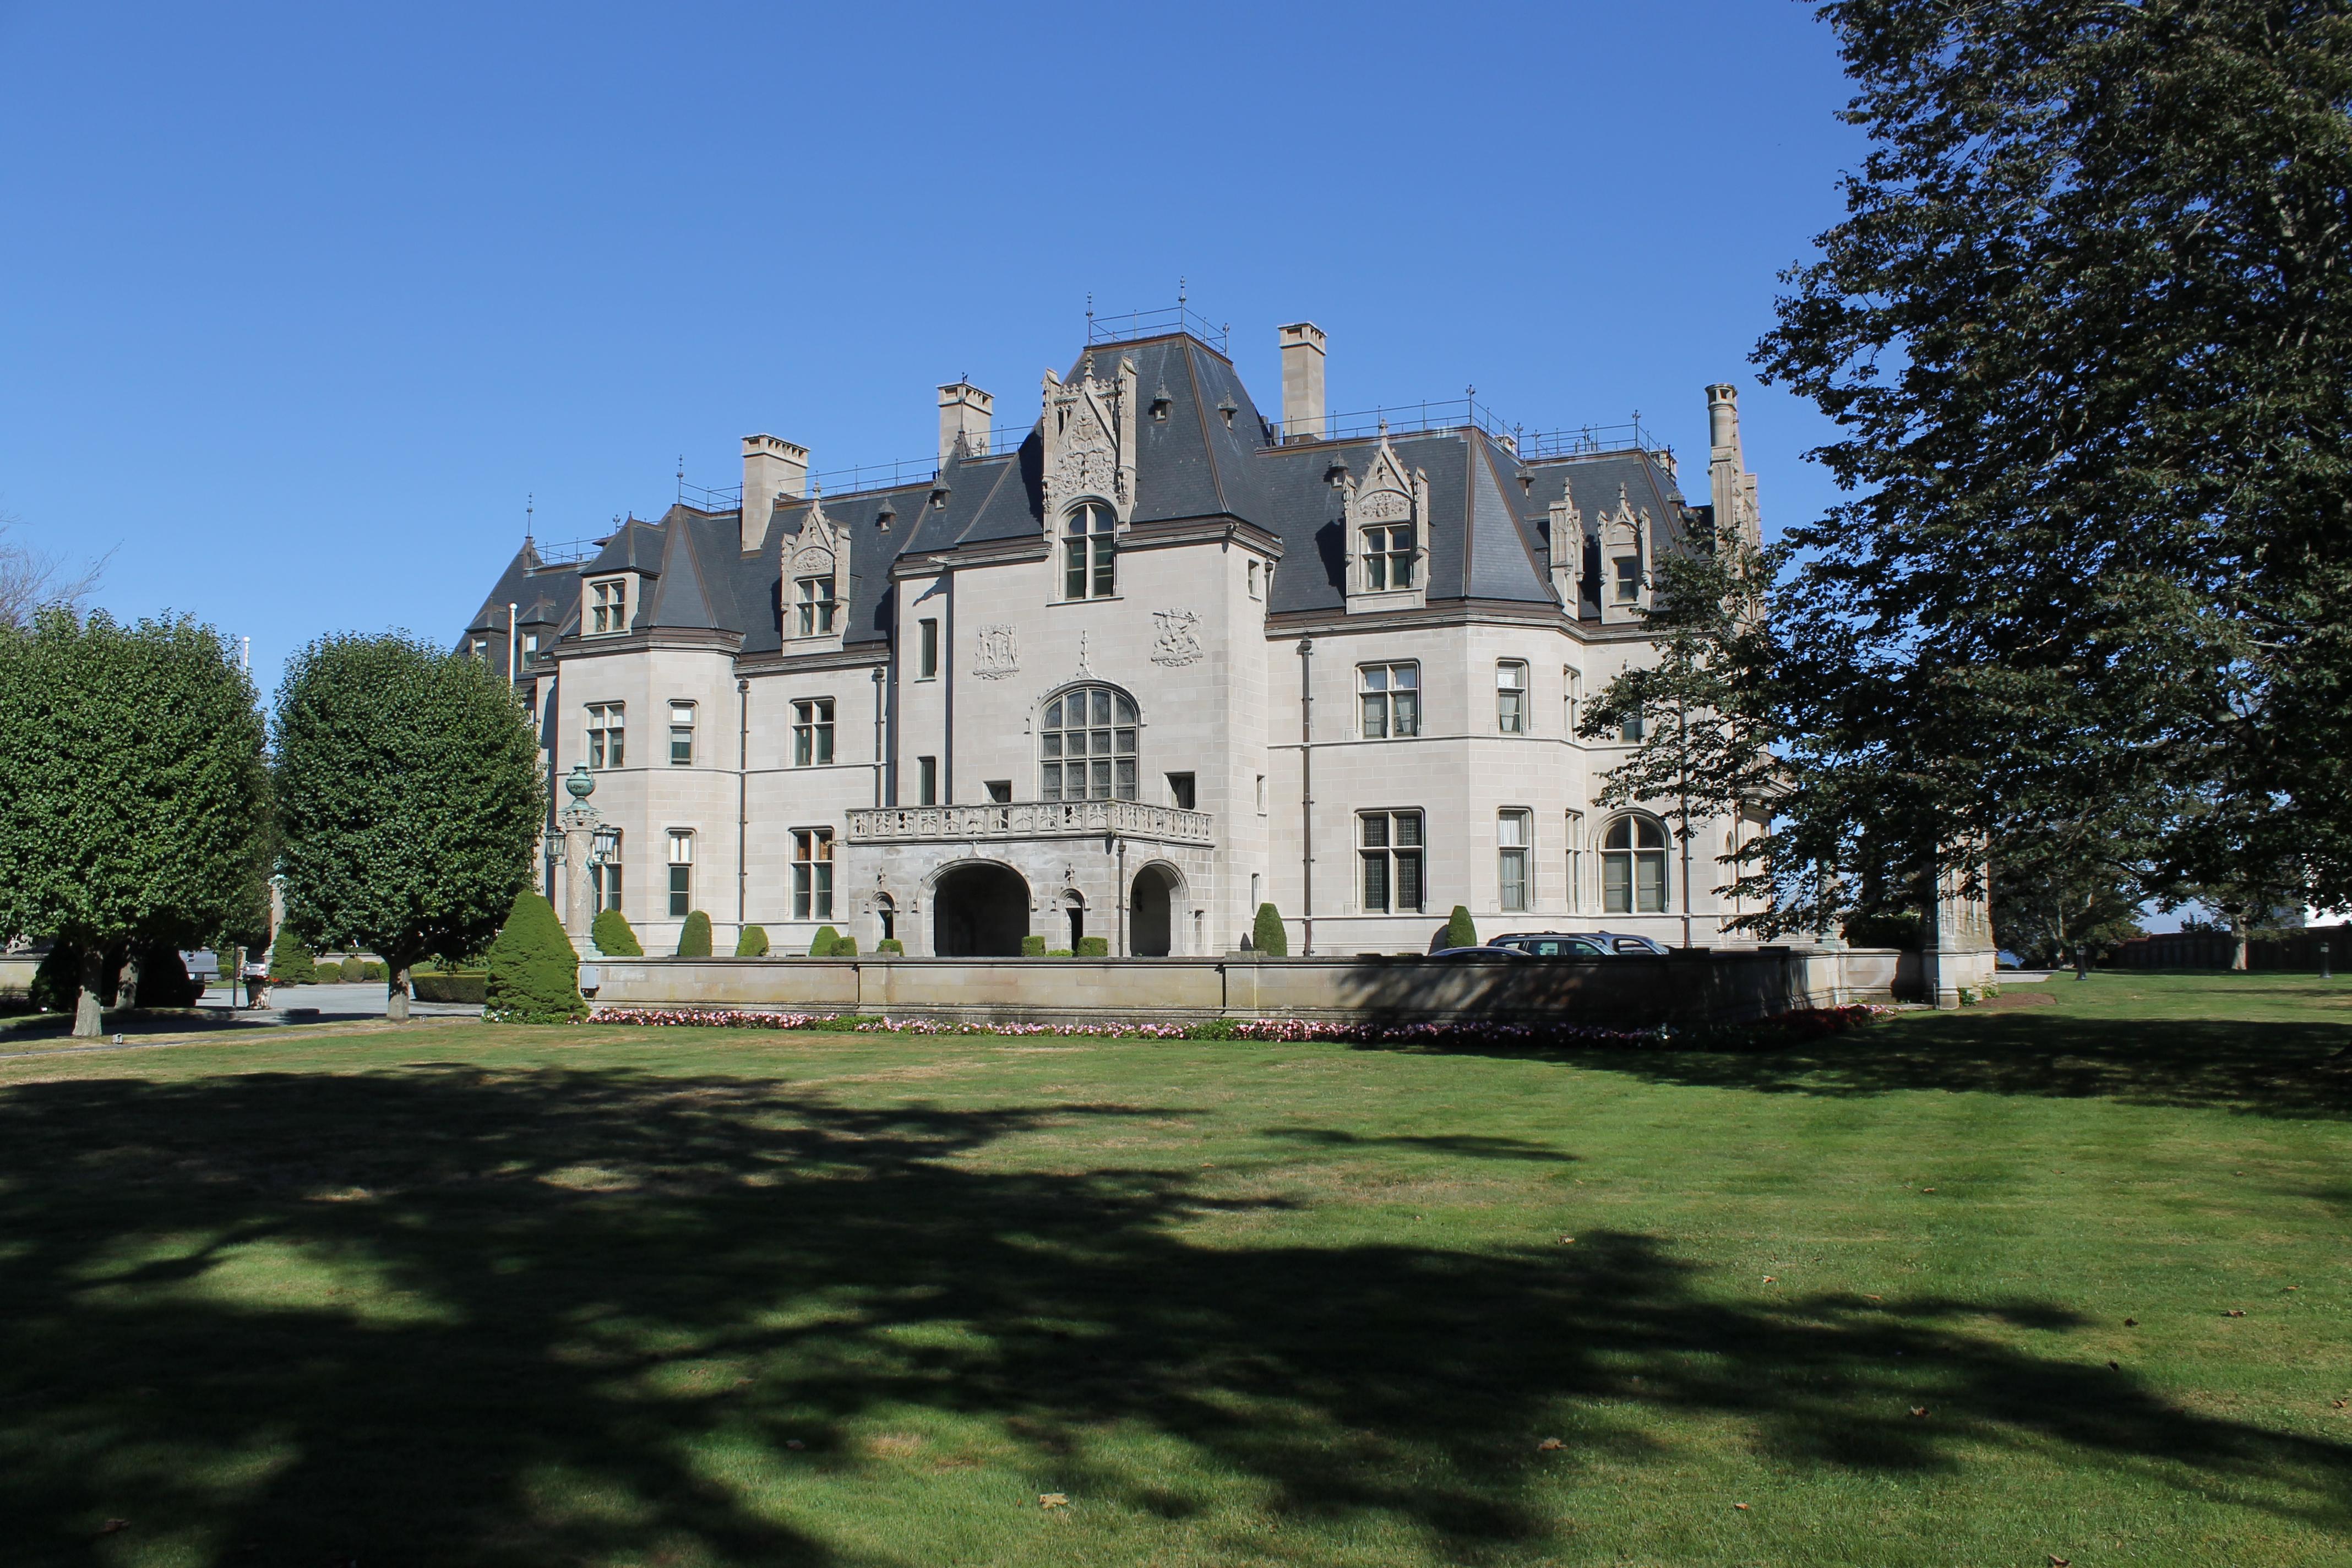 Boppard Abroad Newport Rhode Island Ochre Court